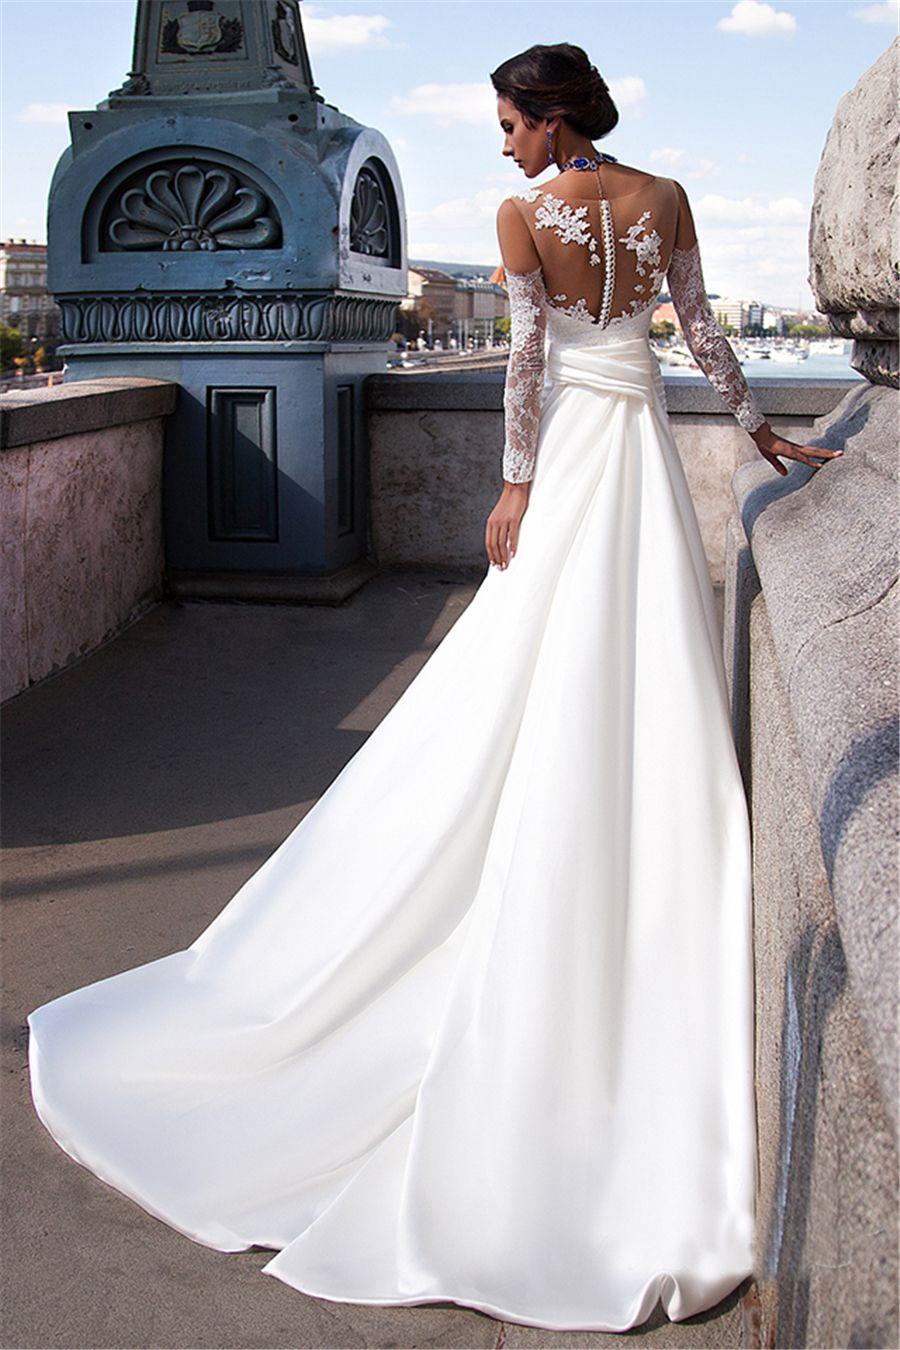 Scoop Applique dentelle transparente gaine souple en satin robe de mariée longues manches longues blanc train Débutante Robes de mariée Robe de plage